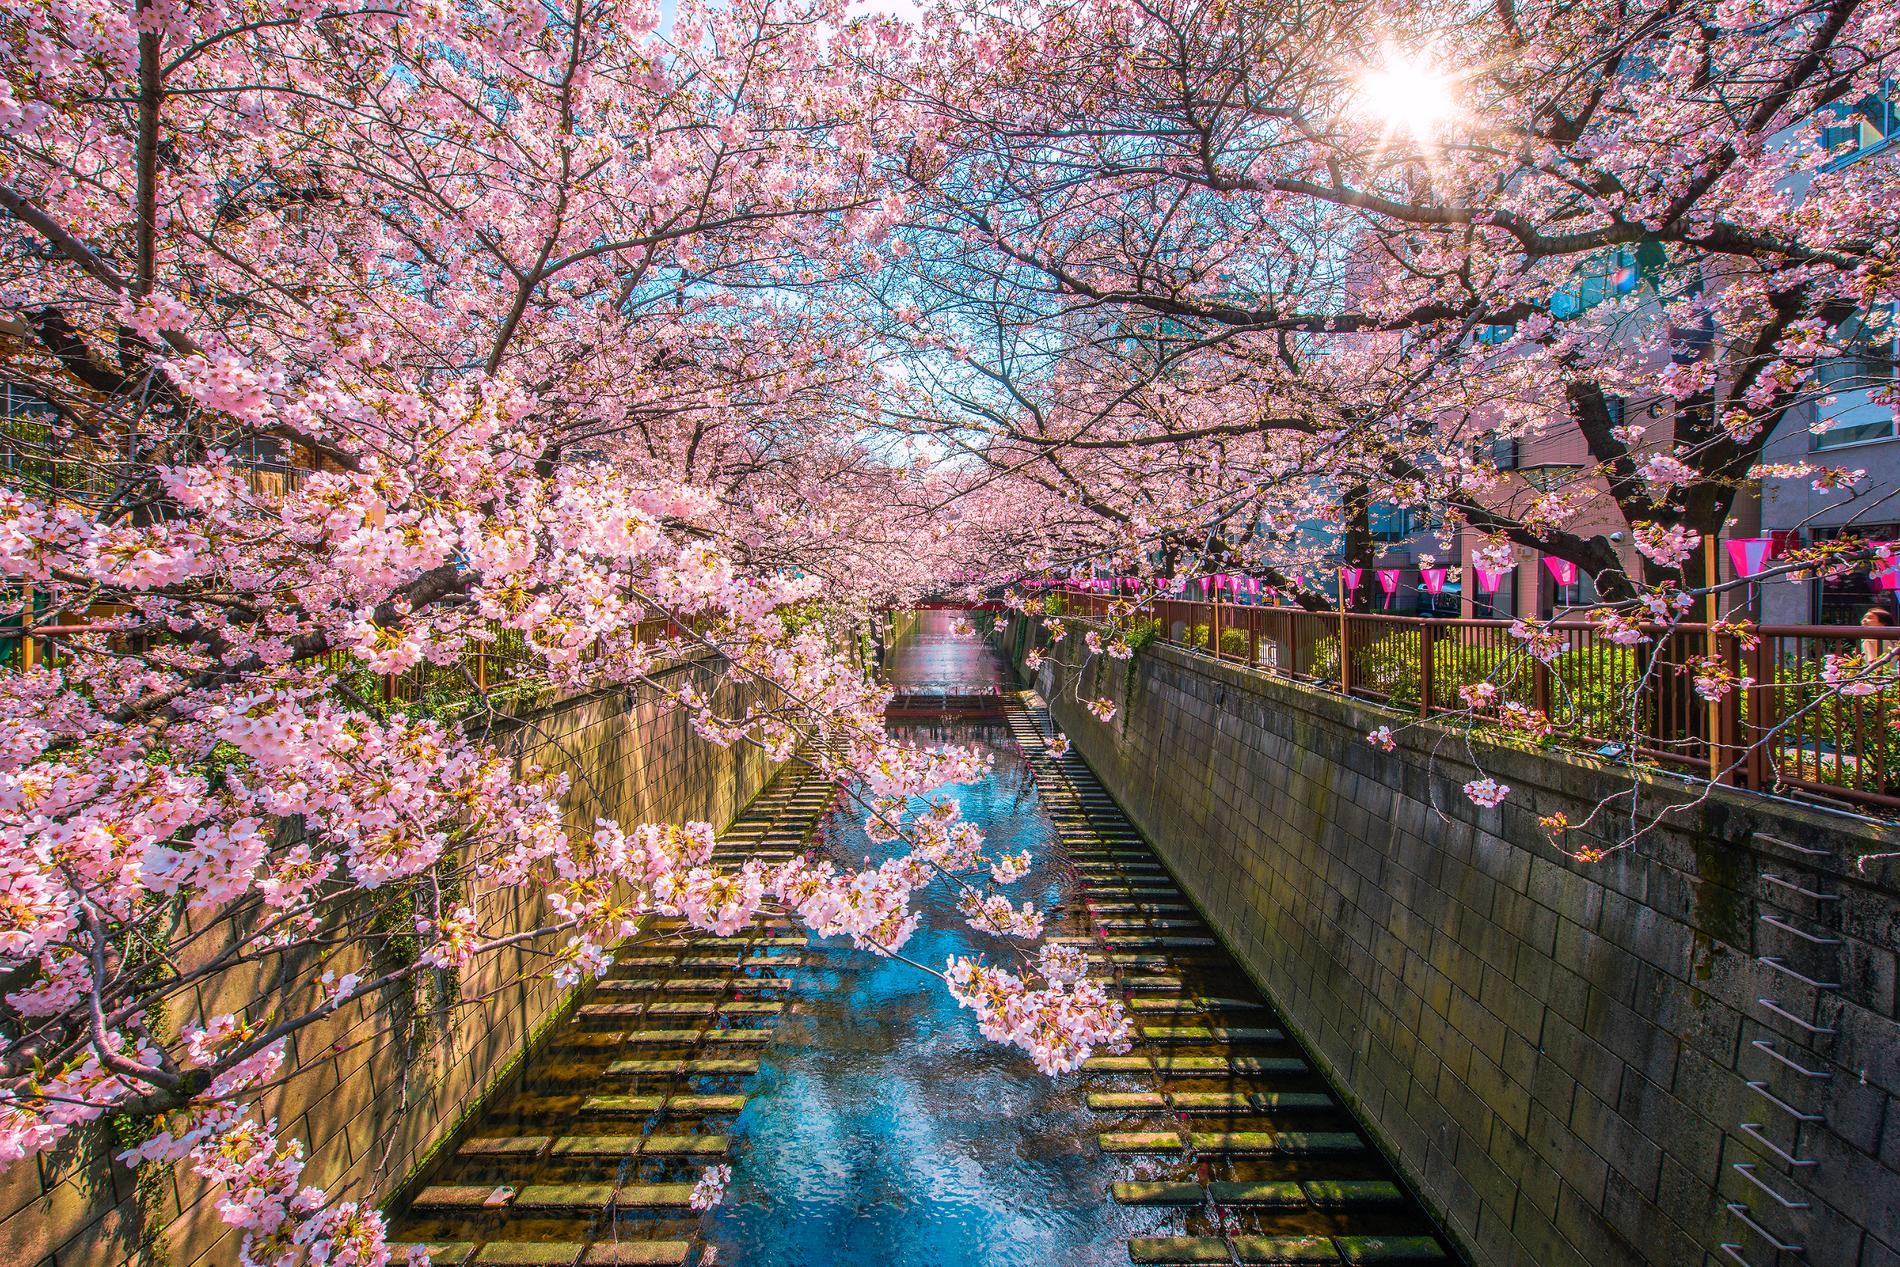 Många vill åka till Japan på våren, när det kan se ut såhär i Meguro Canal i Tokyo, och på flera andra platser.